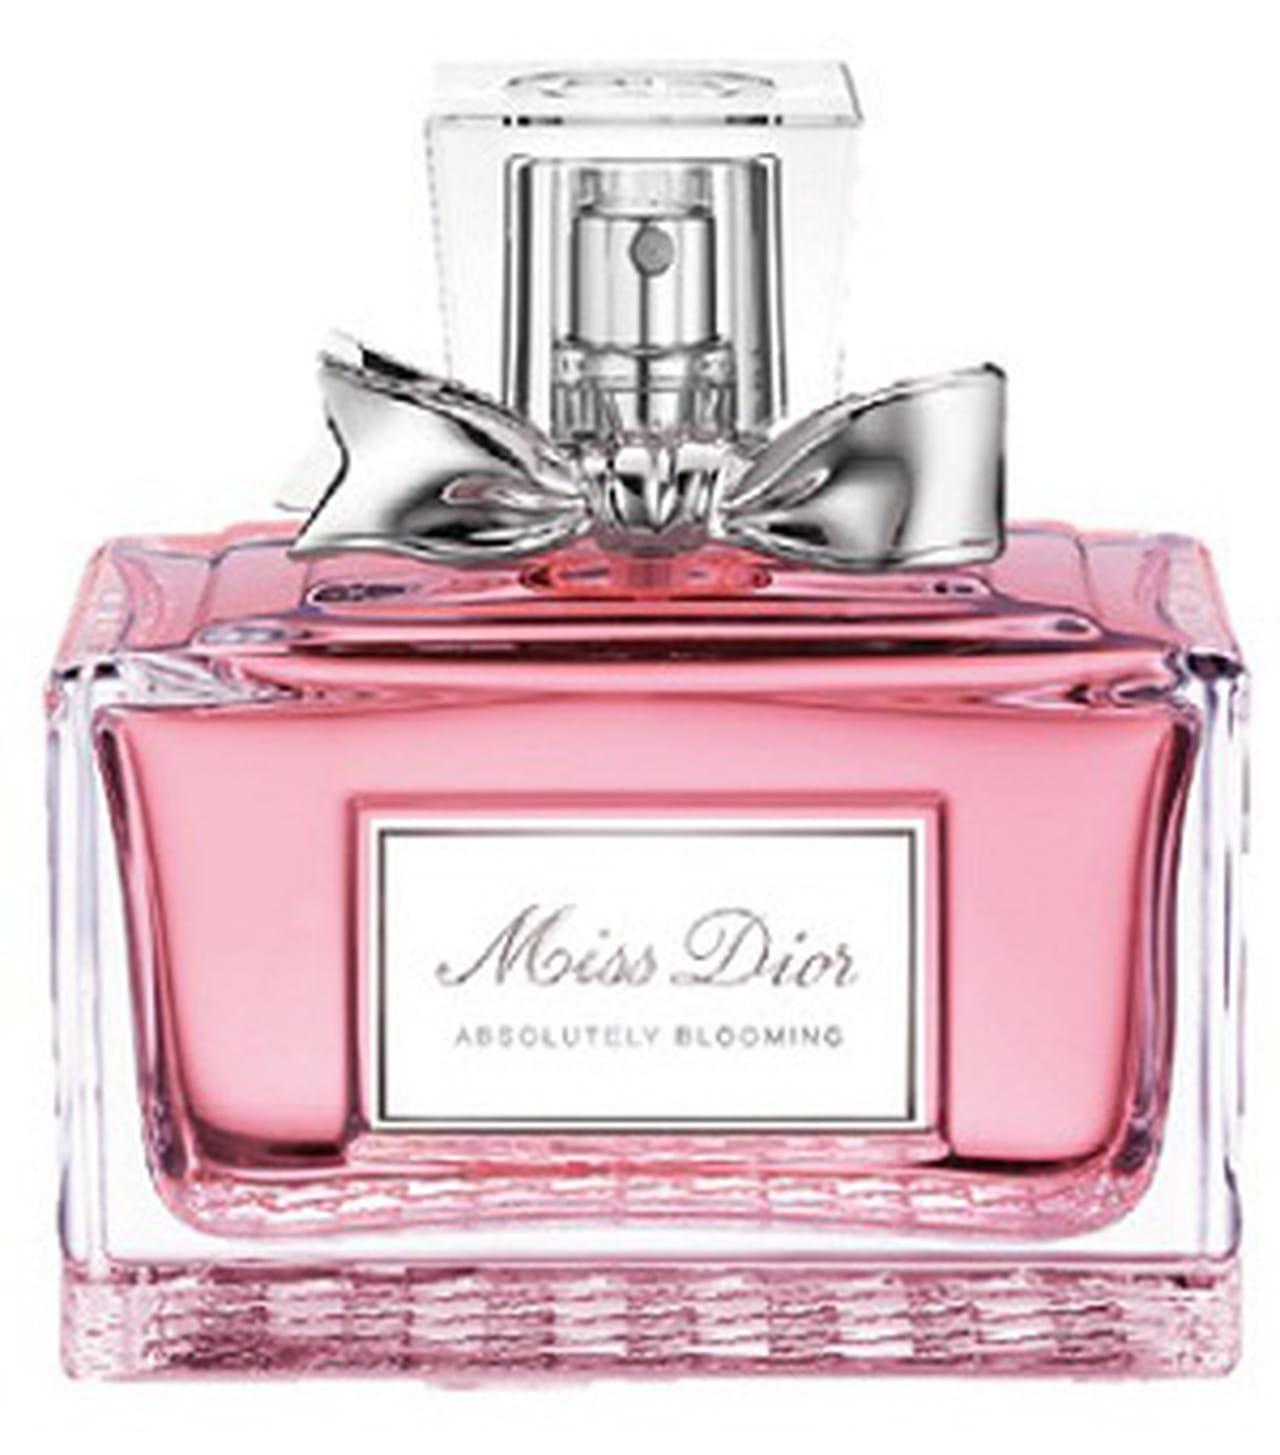 عطر Miss Dior Absolutely Blooming الجديد لامرأة عصرية تعشق الحياة